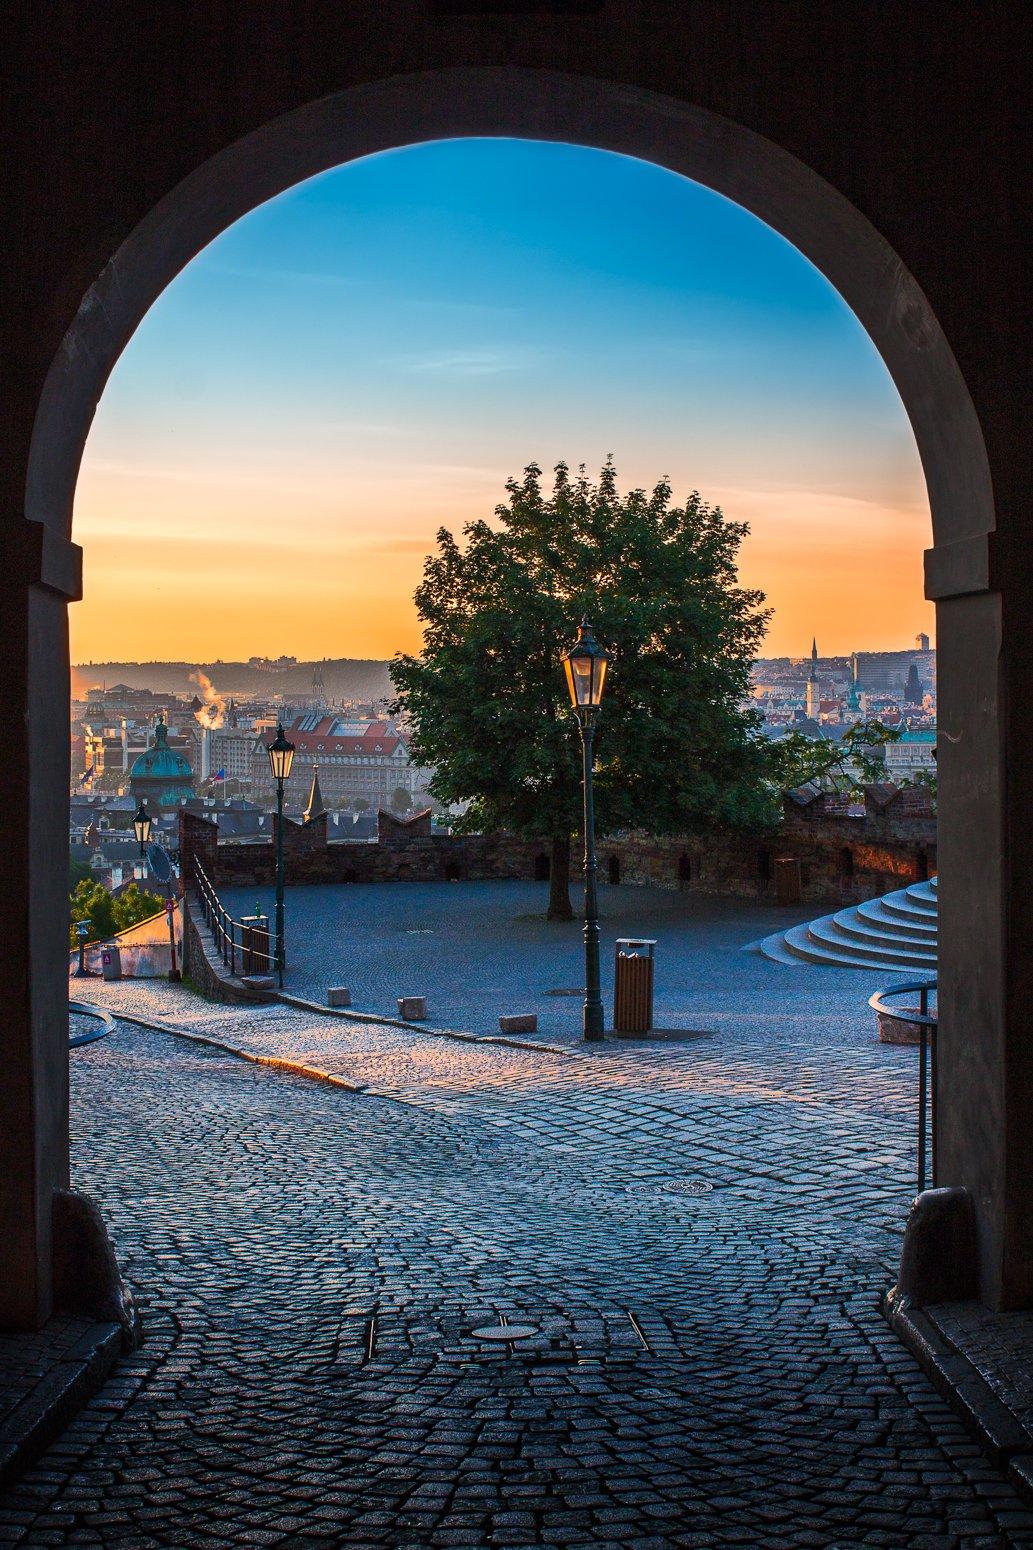 Uitzicht vanaf de Praagse Kasteelpoort, Tsjechië bij zonsopgang in de vroege ochtenduren